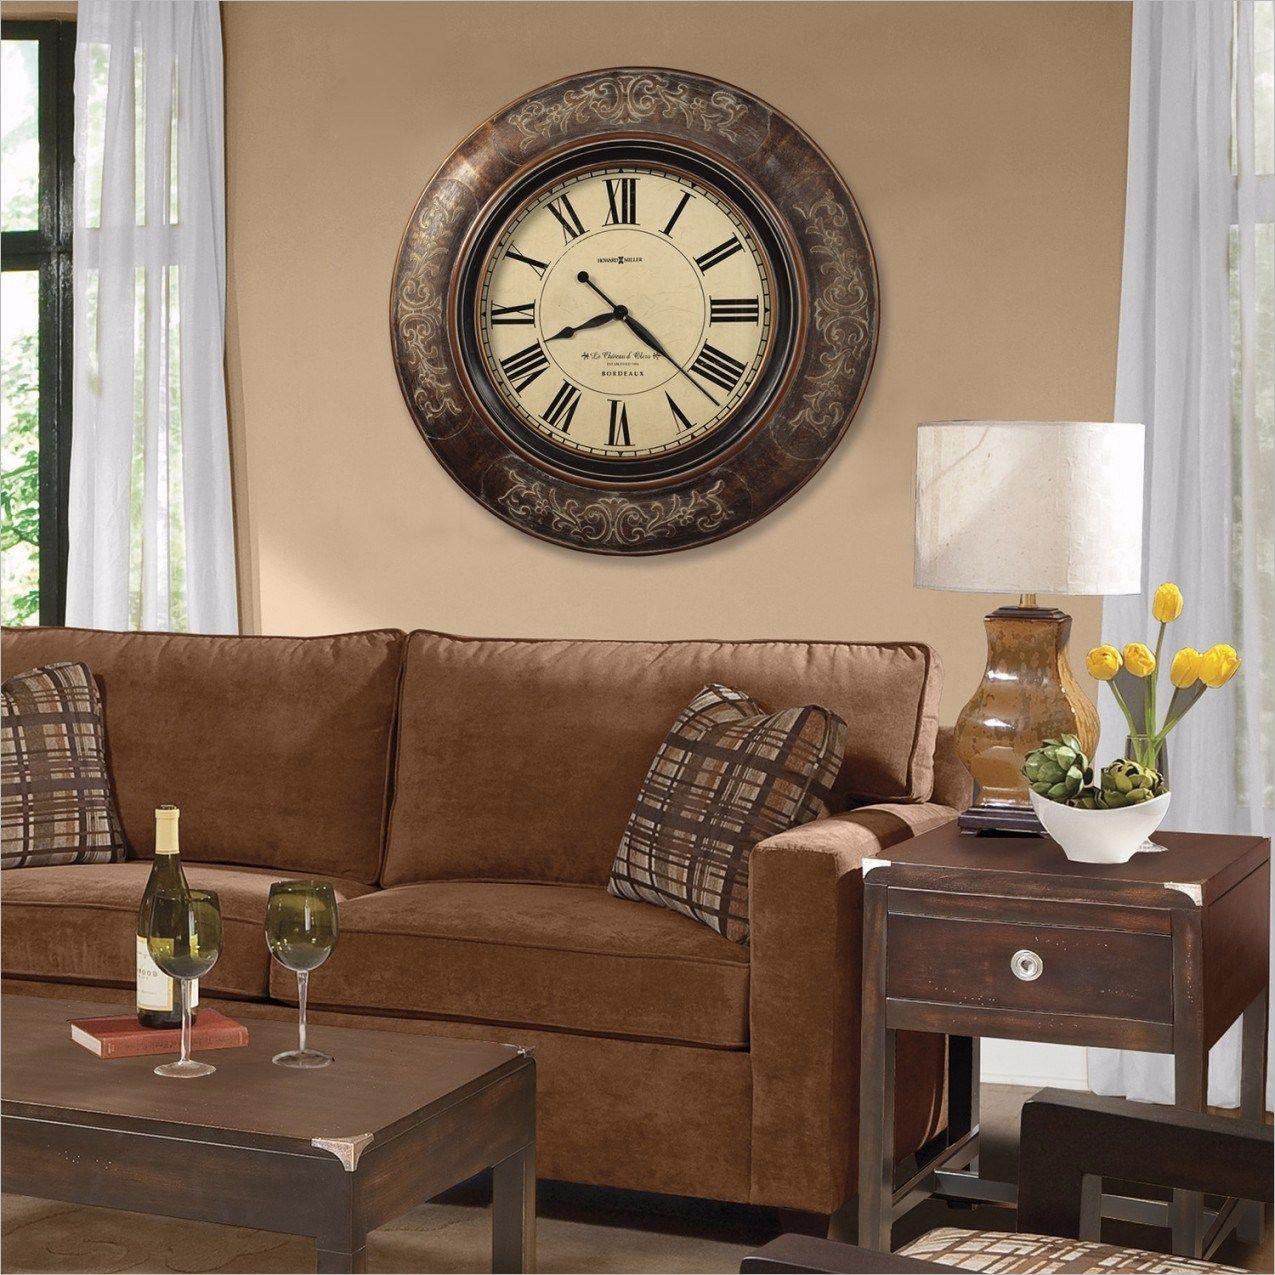 41 Unique Living Room Decorating Ideas 71 Wall Decorating I